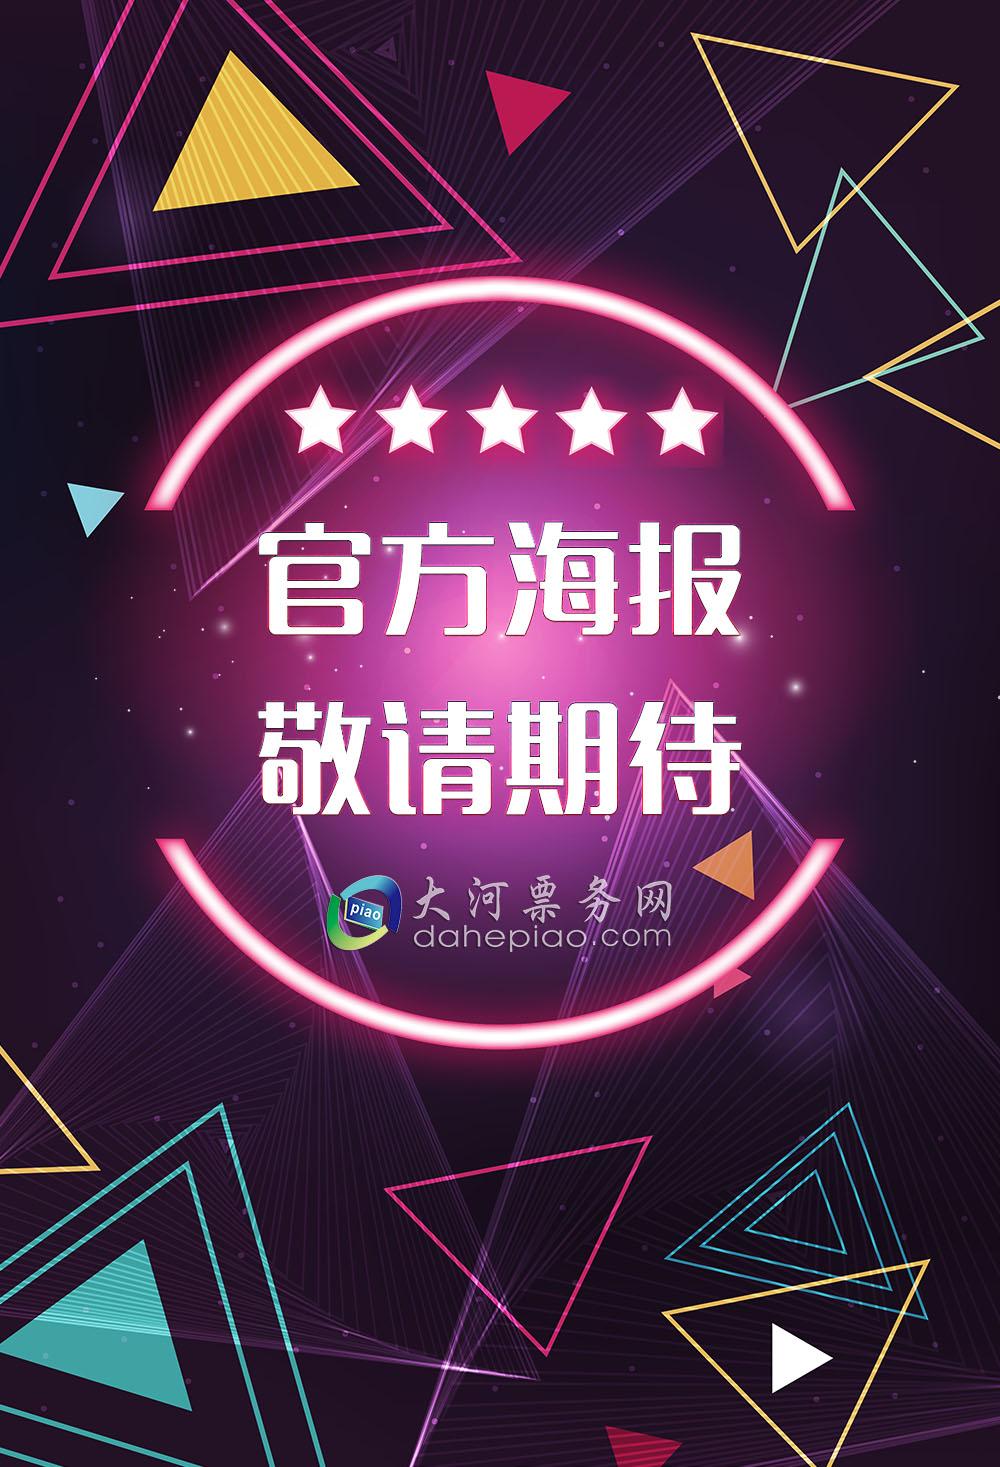 2020吴亦凡演唱会时间表